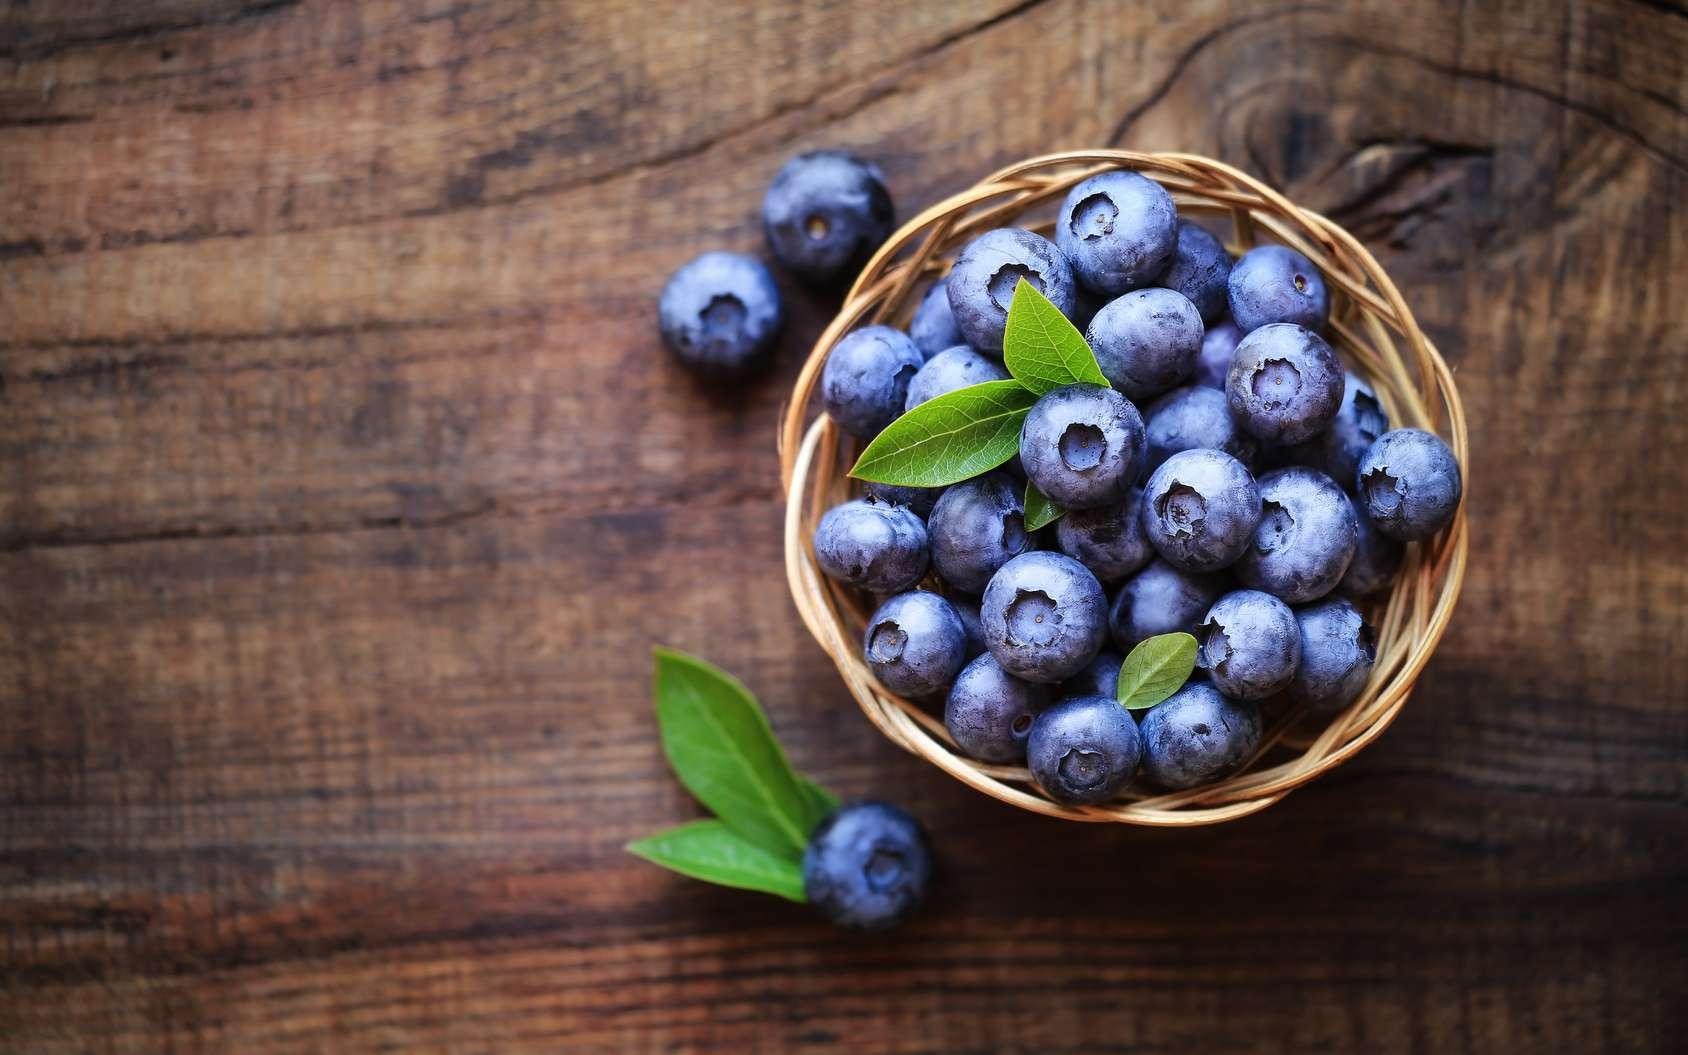 Quelles sont les vertus de la myrtille ? Ces baies bleues contiennent des molécules aux multiples bienfaits. © kuvona, Fotolia